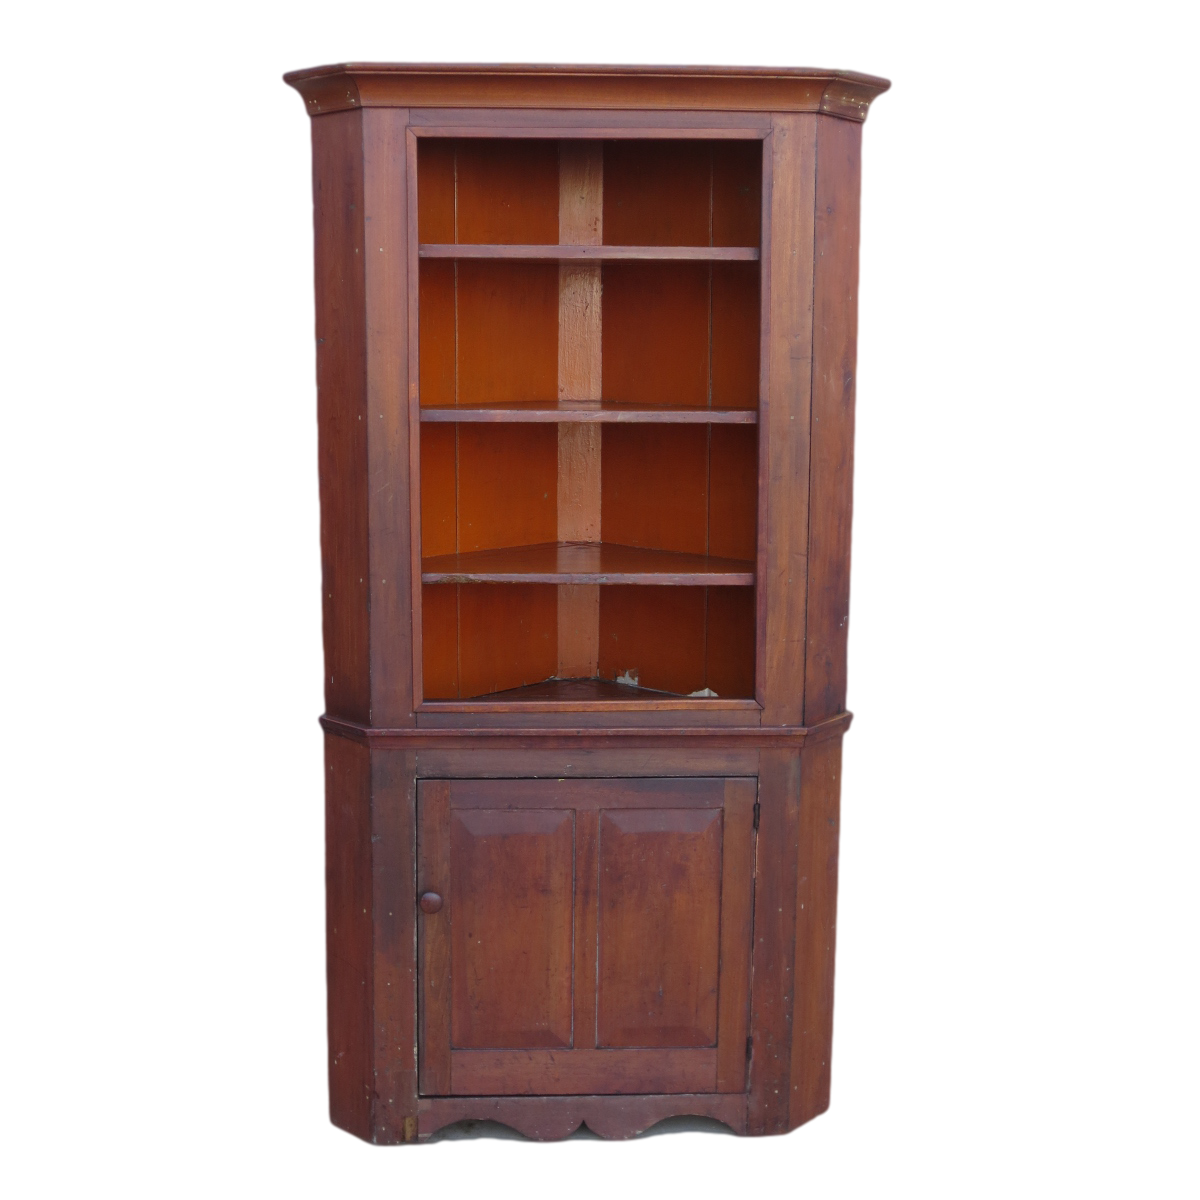 American Antique Corner Cabinet Antique Furniture Antique Corner